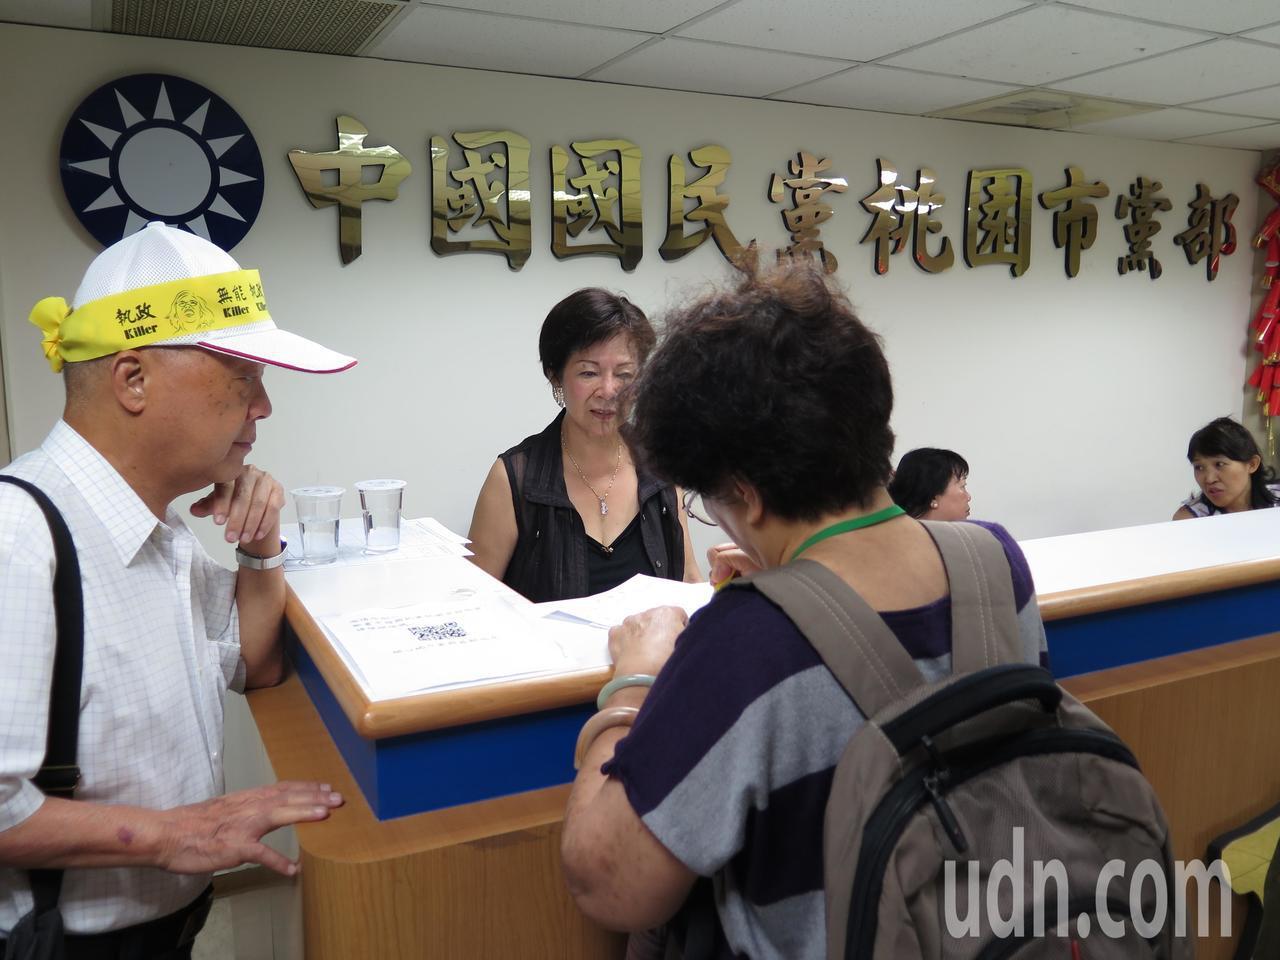 聲援軍公教警消草根釋憲連署說明會今天前進北台灣桃園,國民黨市黨部開放連署。記者張...